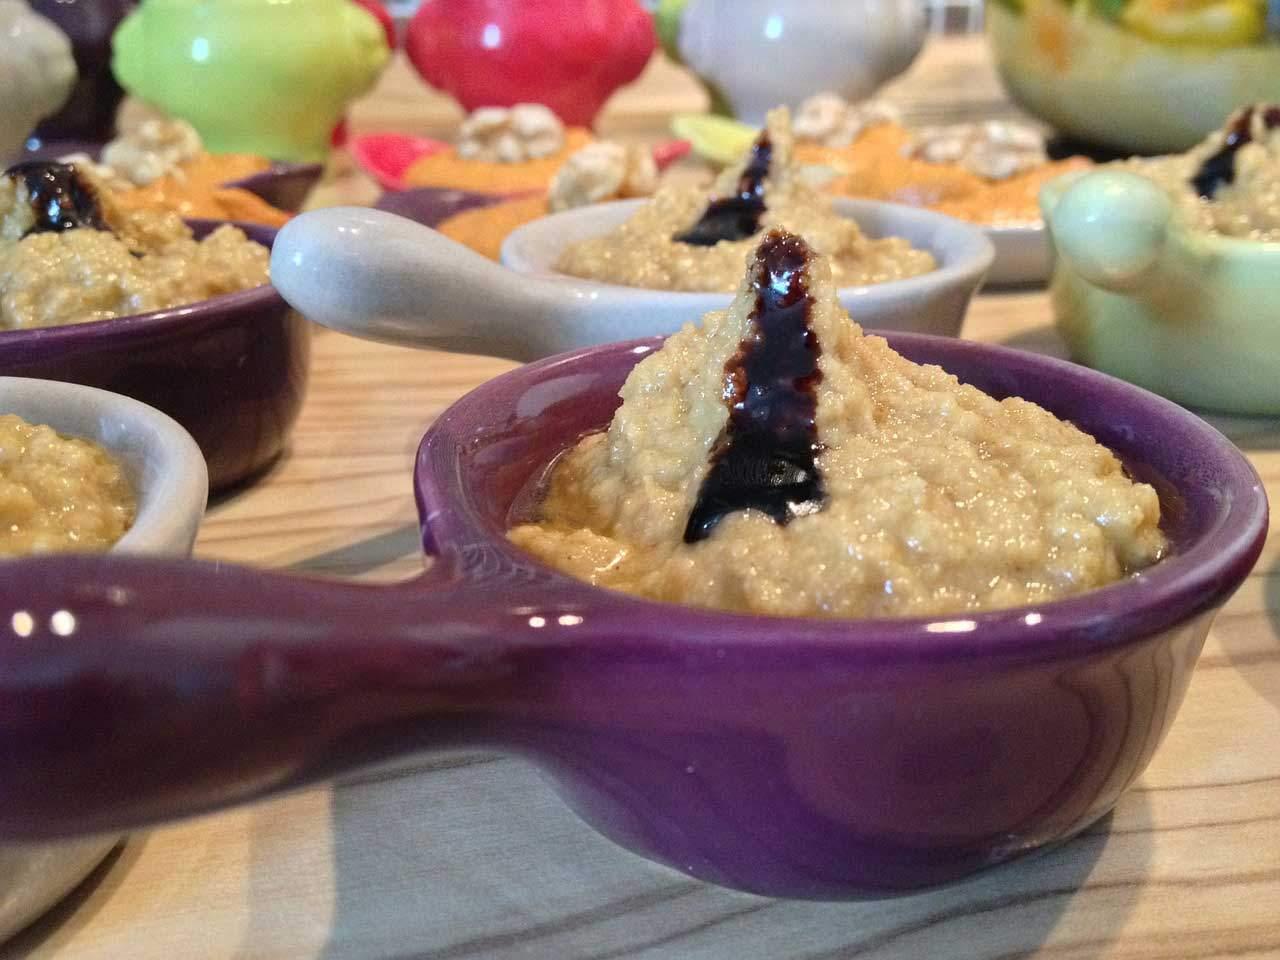 Porridge Diät Erfahrungen zeigen - Abnehmen mit Haferbrei funktioniert!